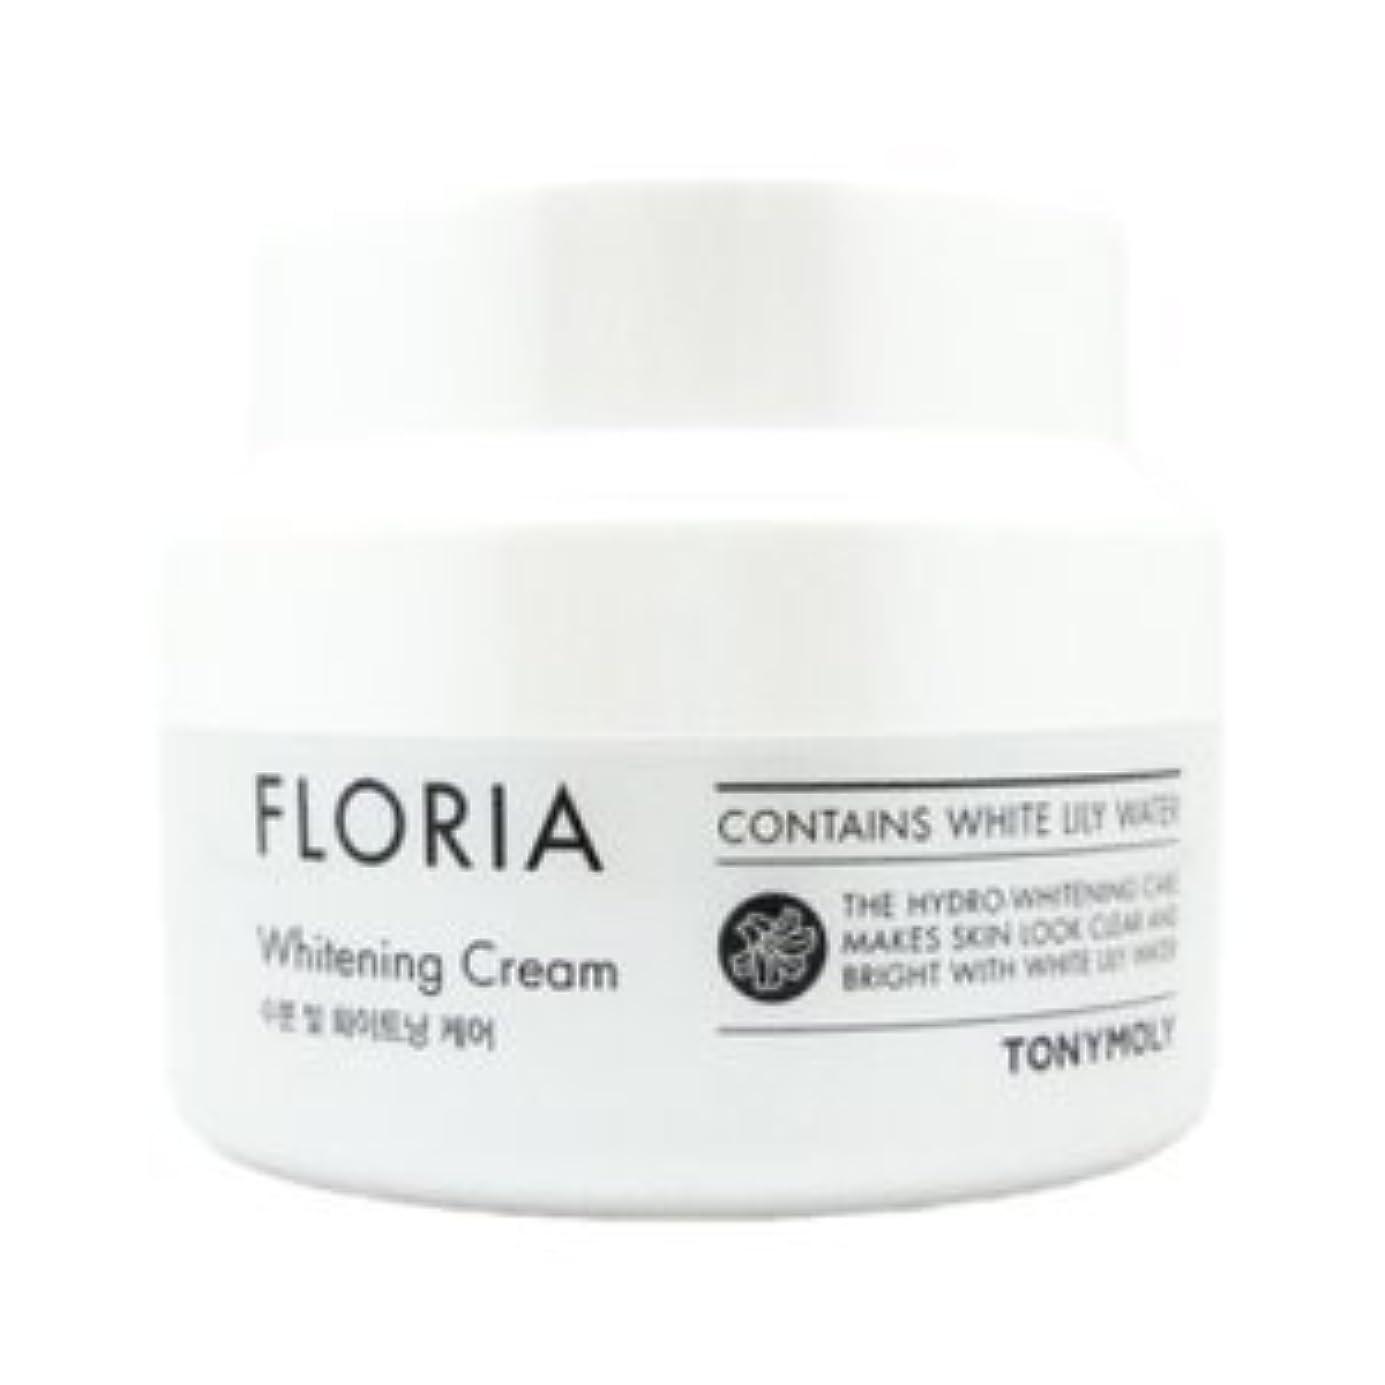 実施する腹ジョージハンブリーTONYMOLY Floria Whitening Cream 60ml/トニーモリー フロリア ホワイトニング クリーム 60ml [並行輸入品]